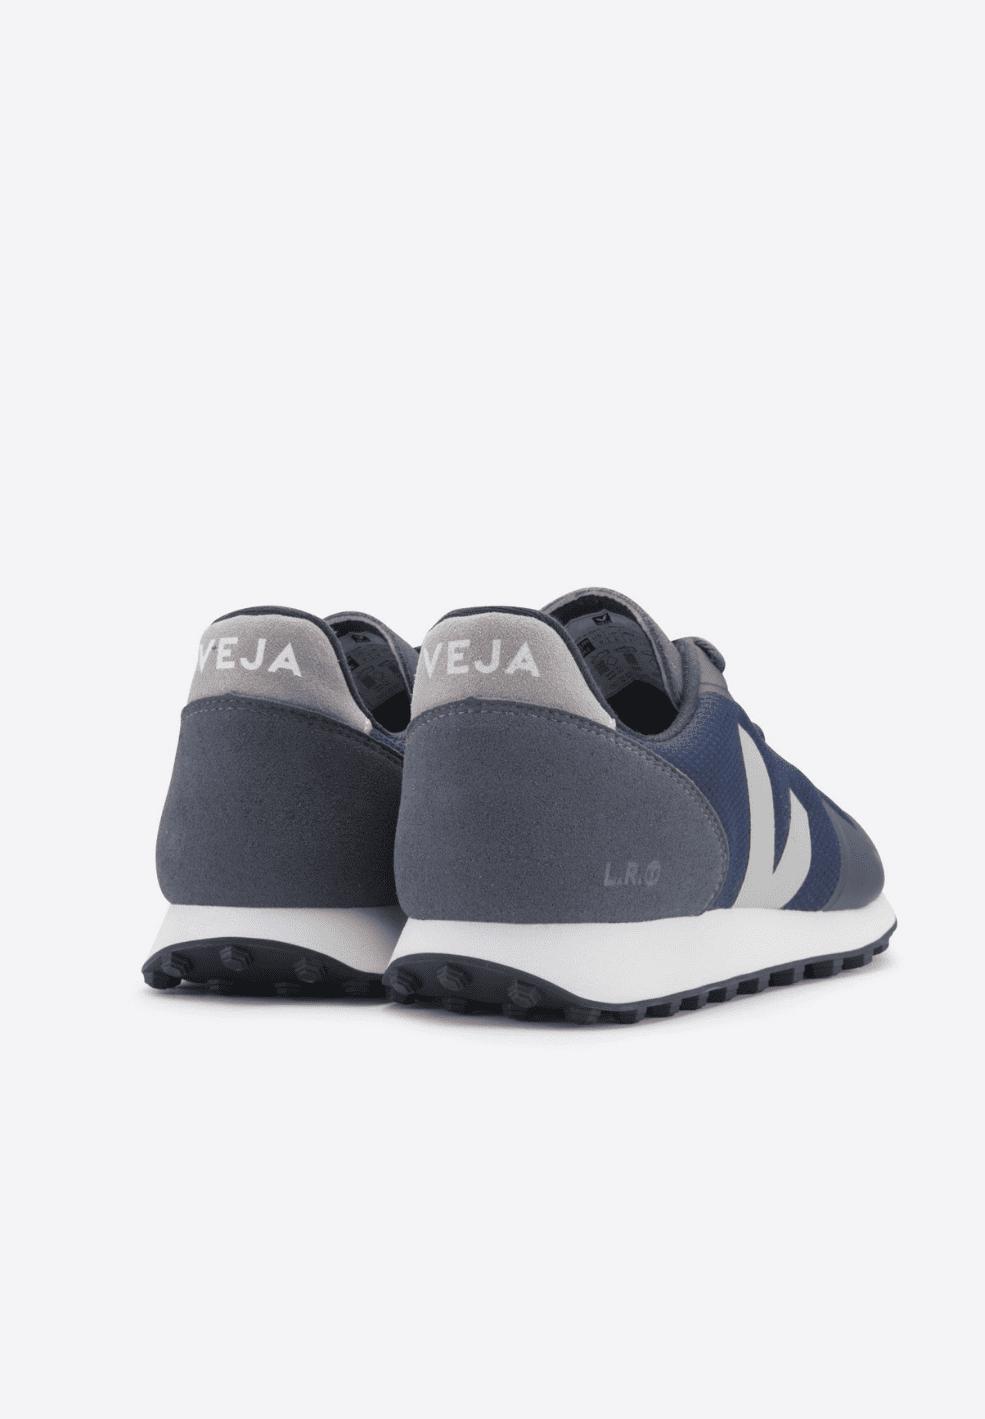 Veja VEJA Men SDU B Mesh Nautico Oxford Grey Sporty Sneakers